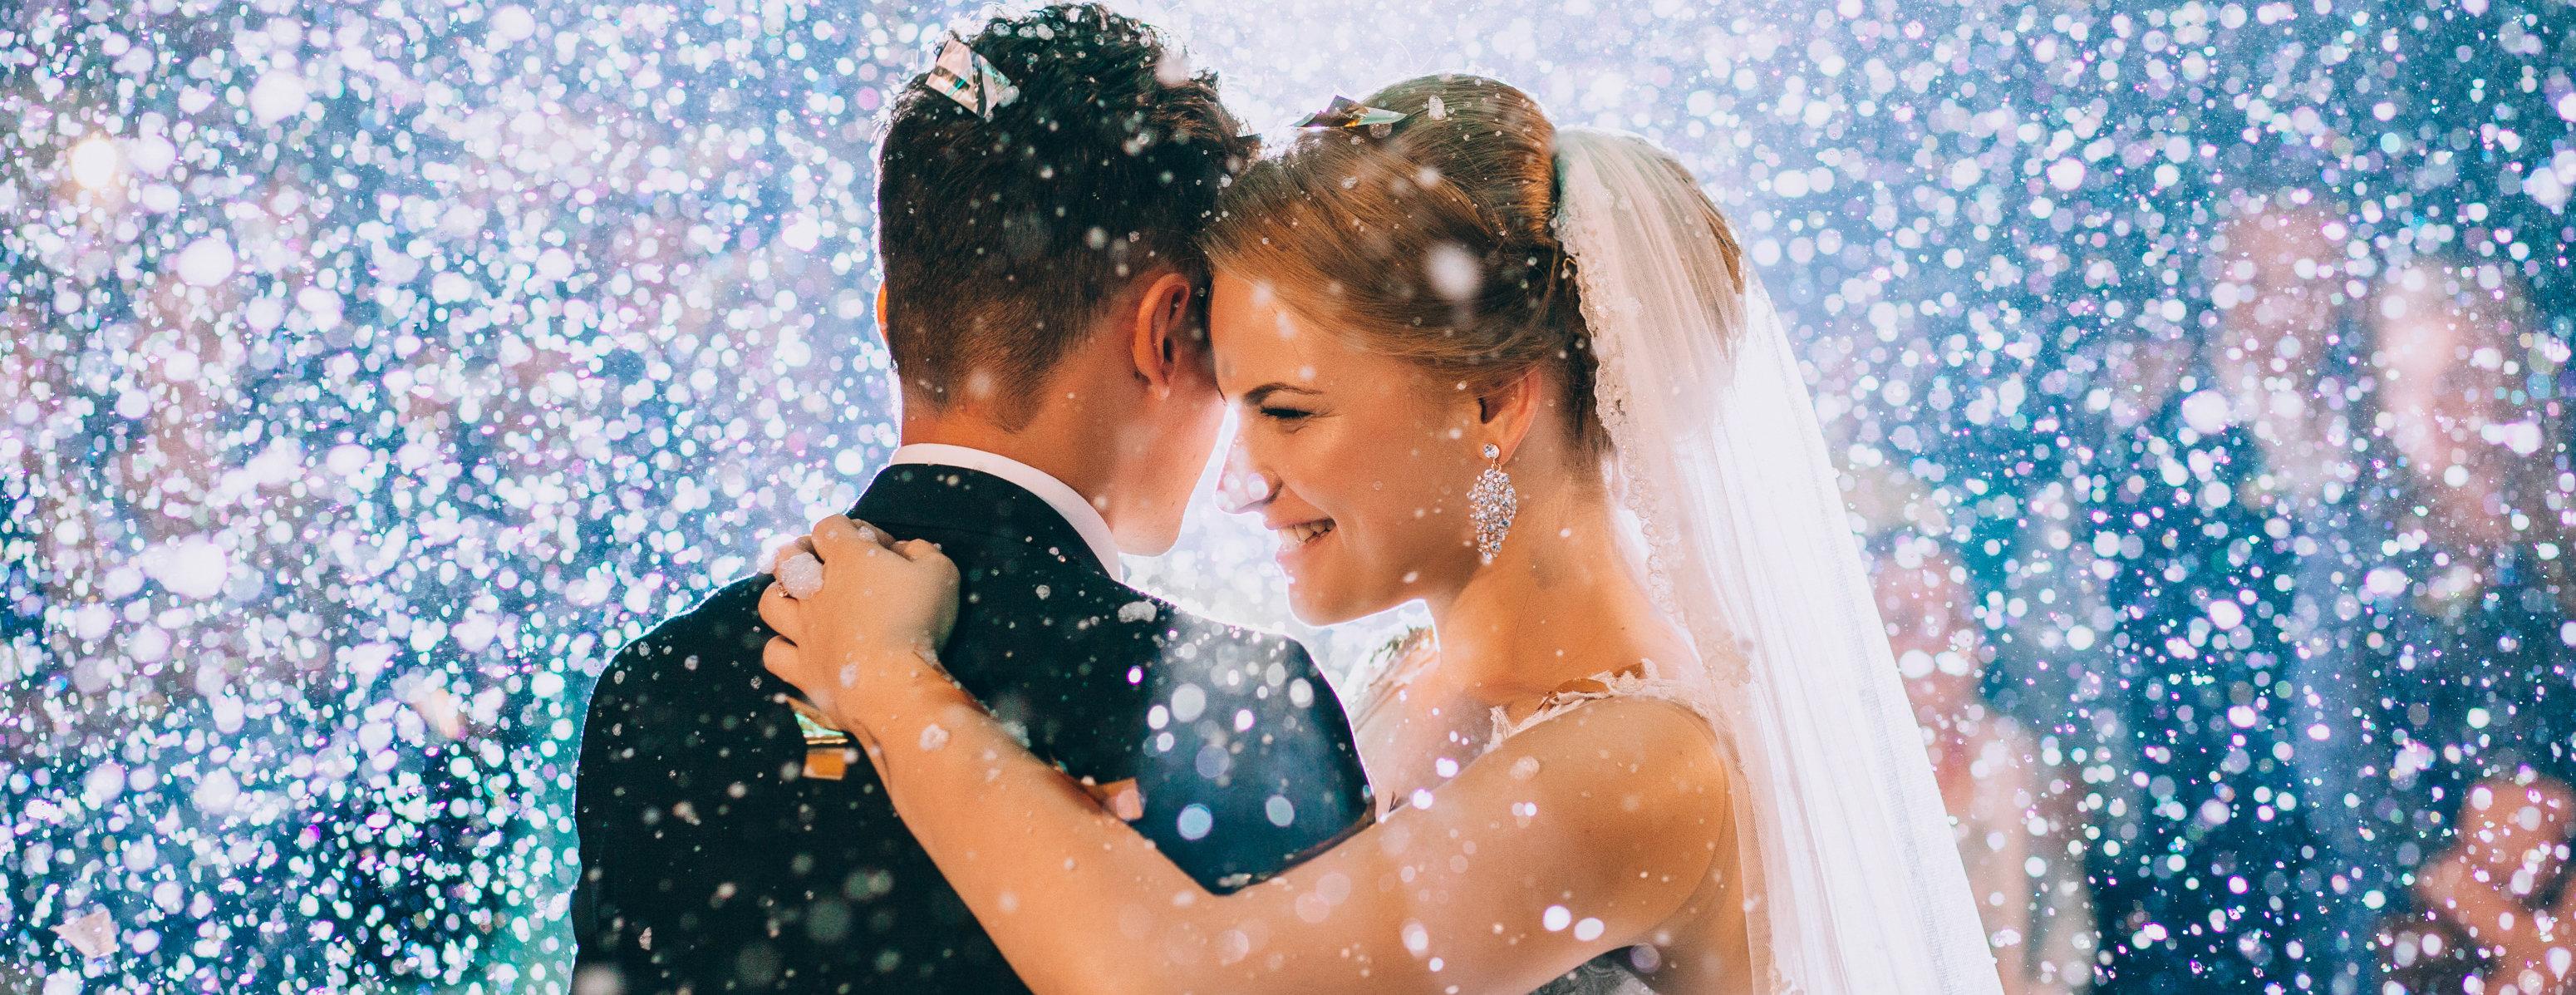 Стоит ли жениться или нет? - фото 2